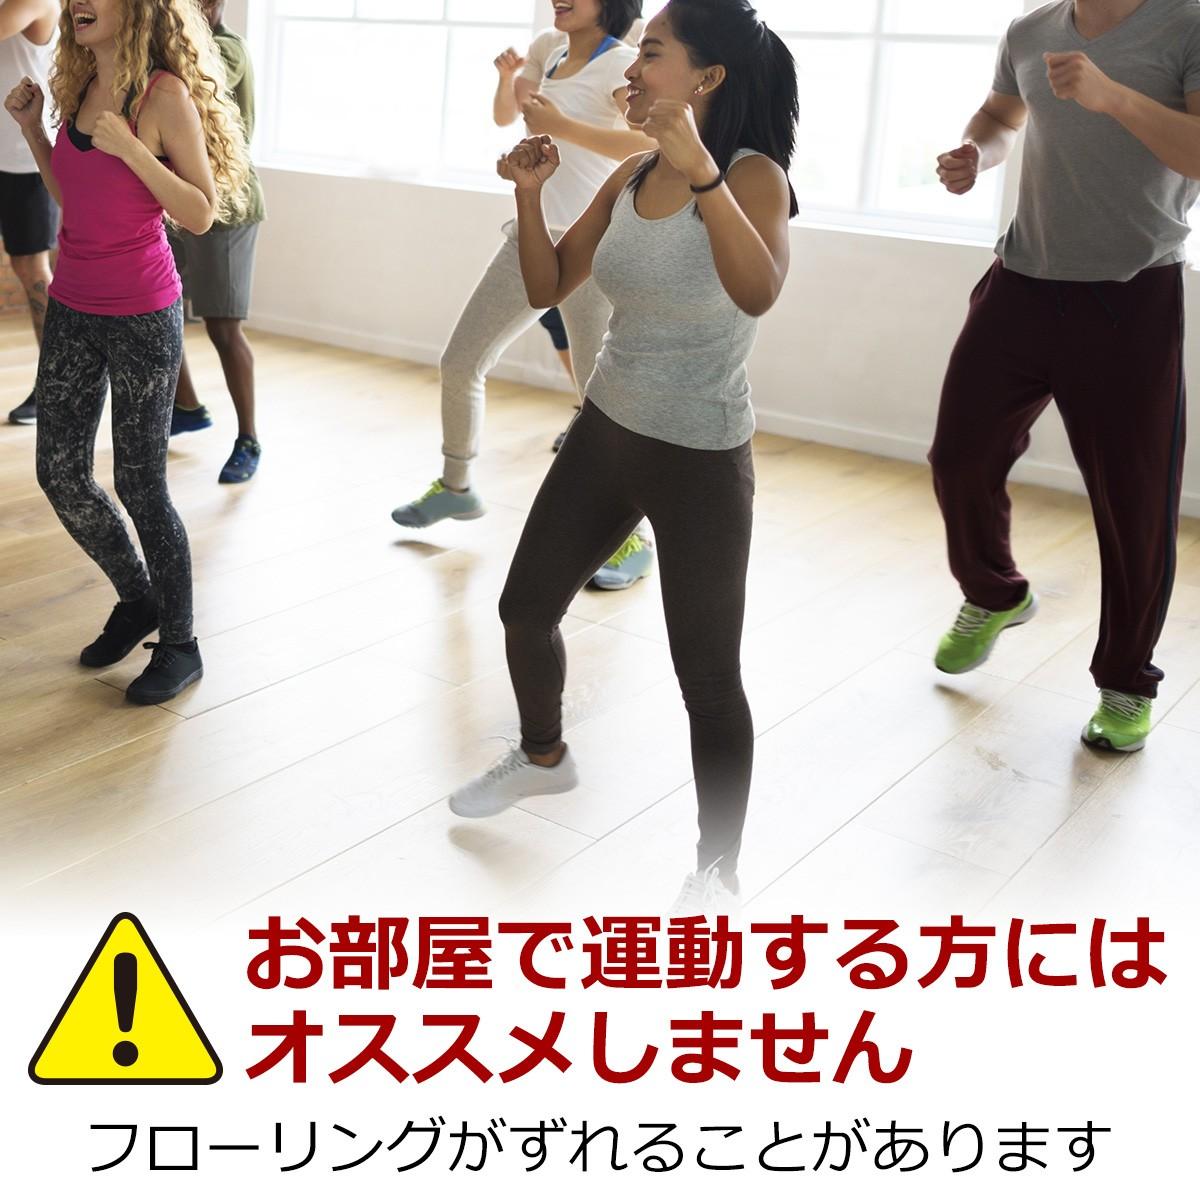 お部屋で運動する方にはオススメしません フローリングがずれることがあります